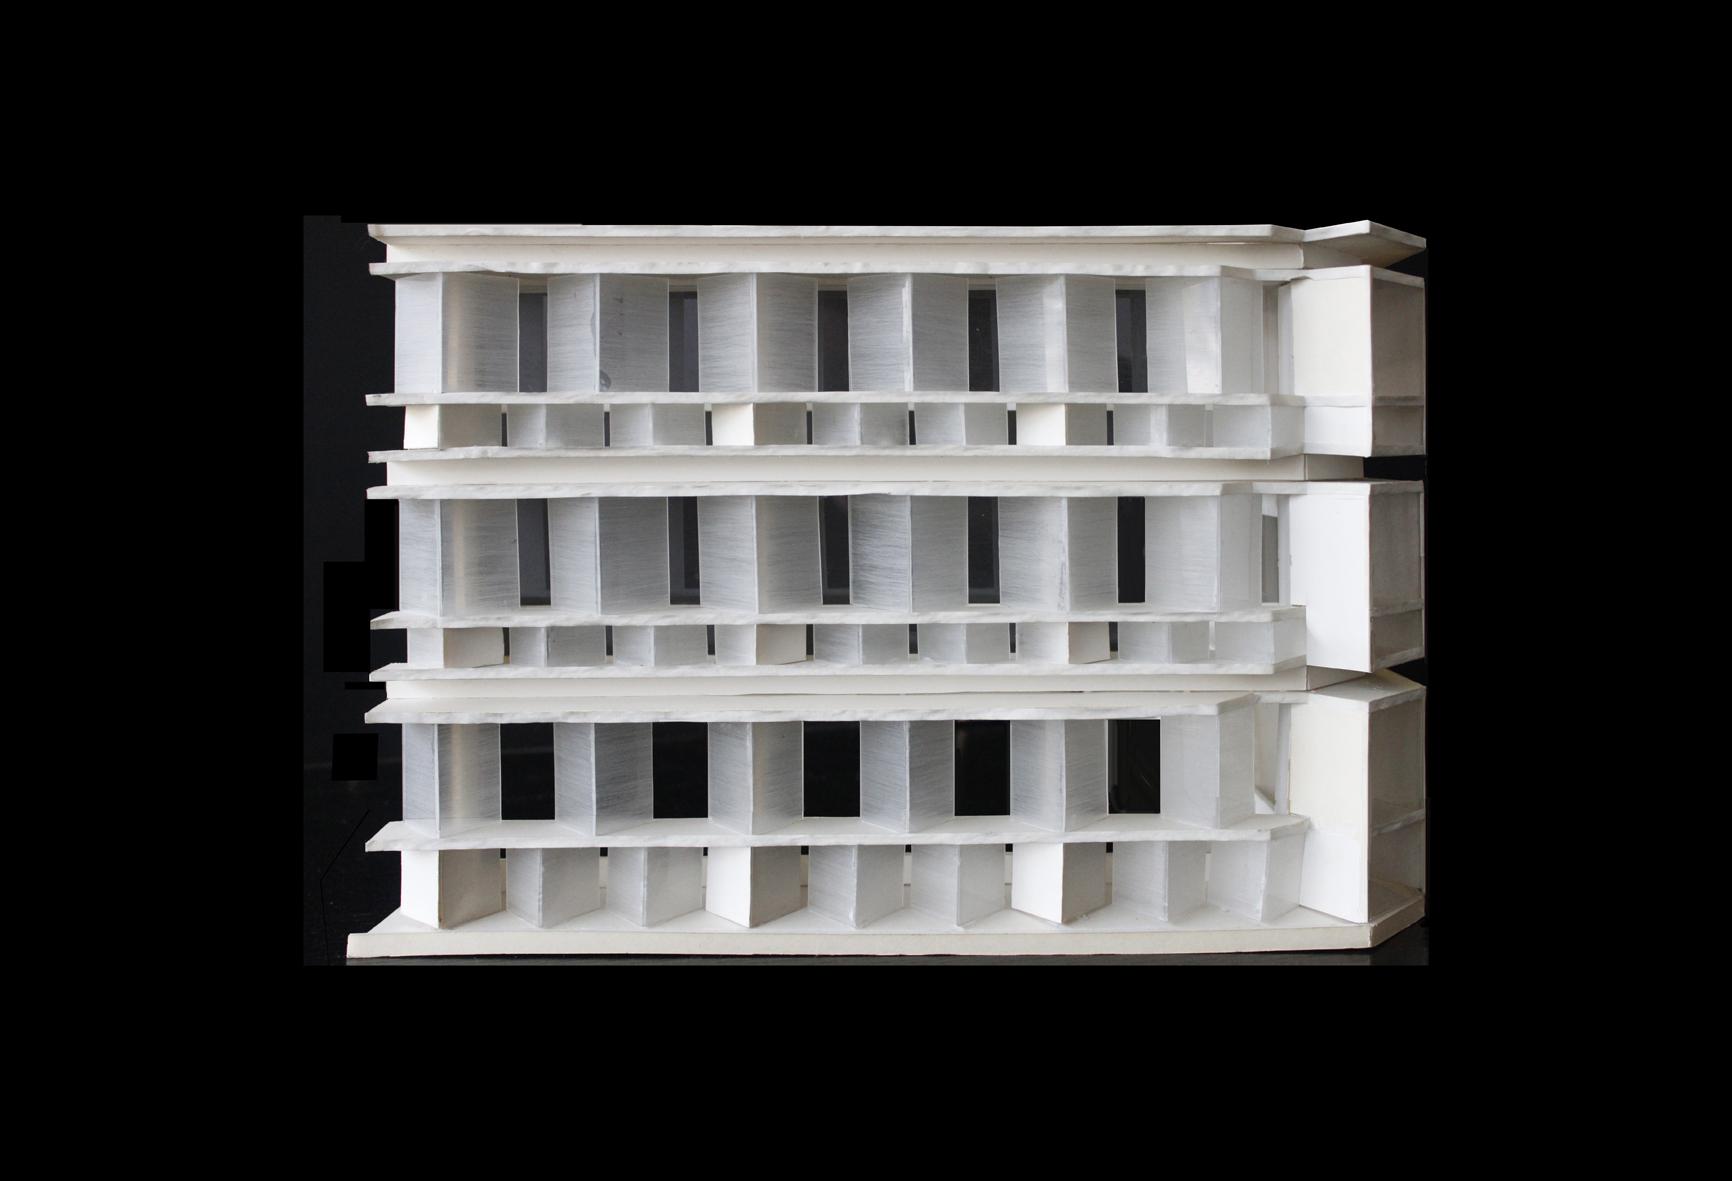 05-BEAUDOUIN ARCHITECTES